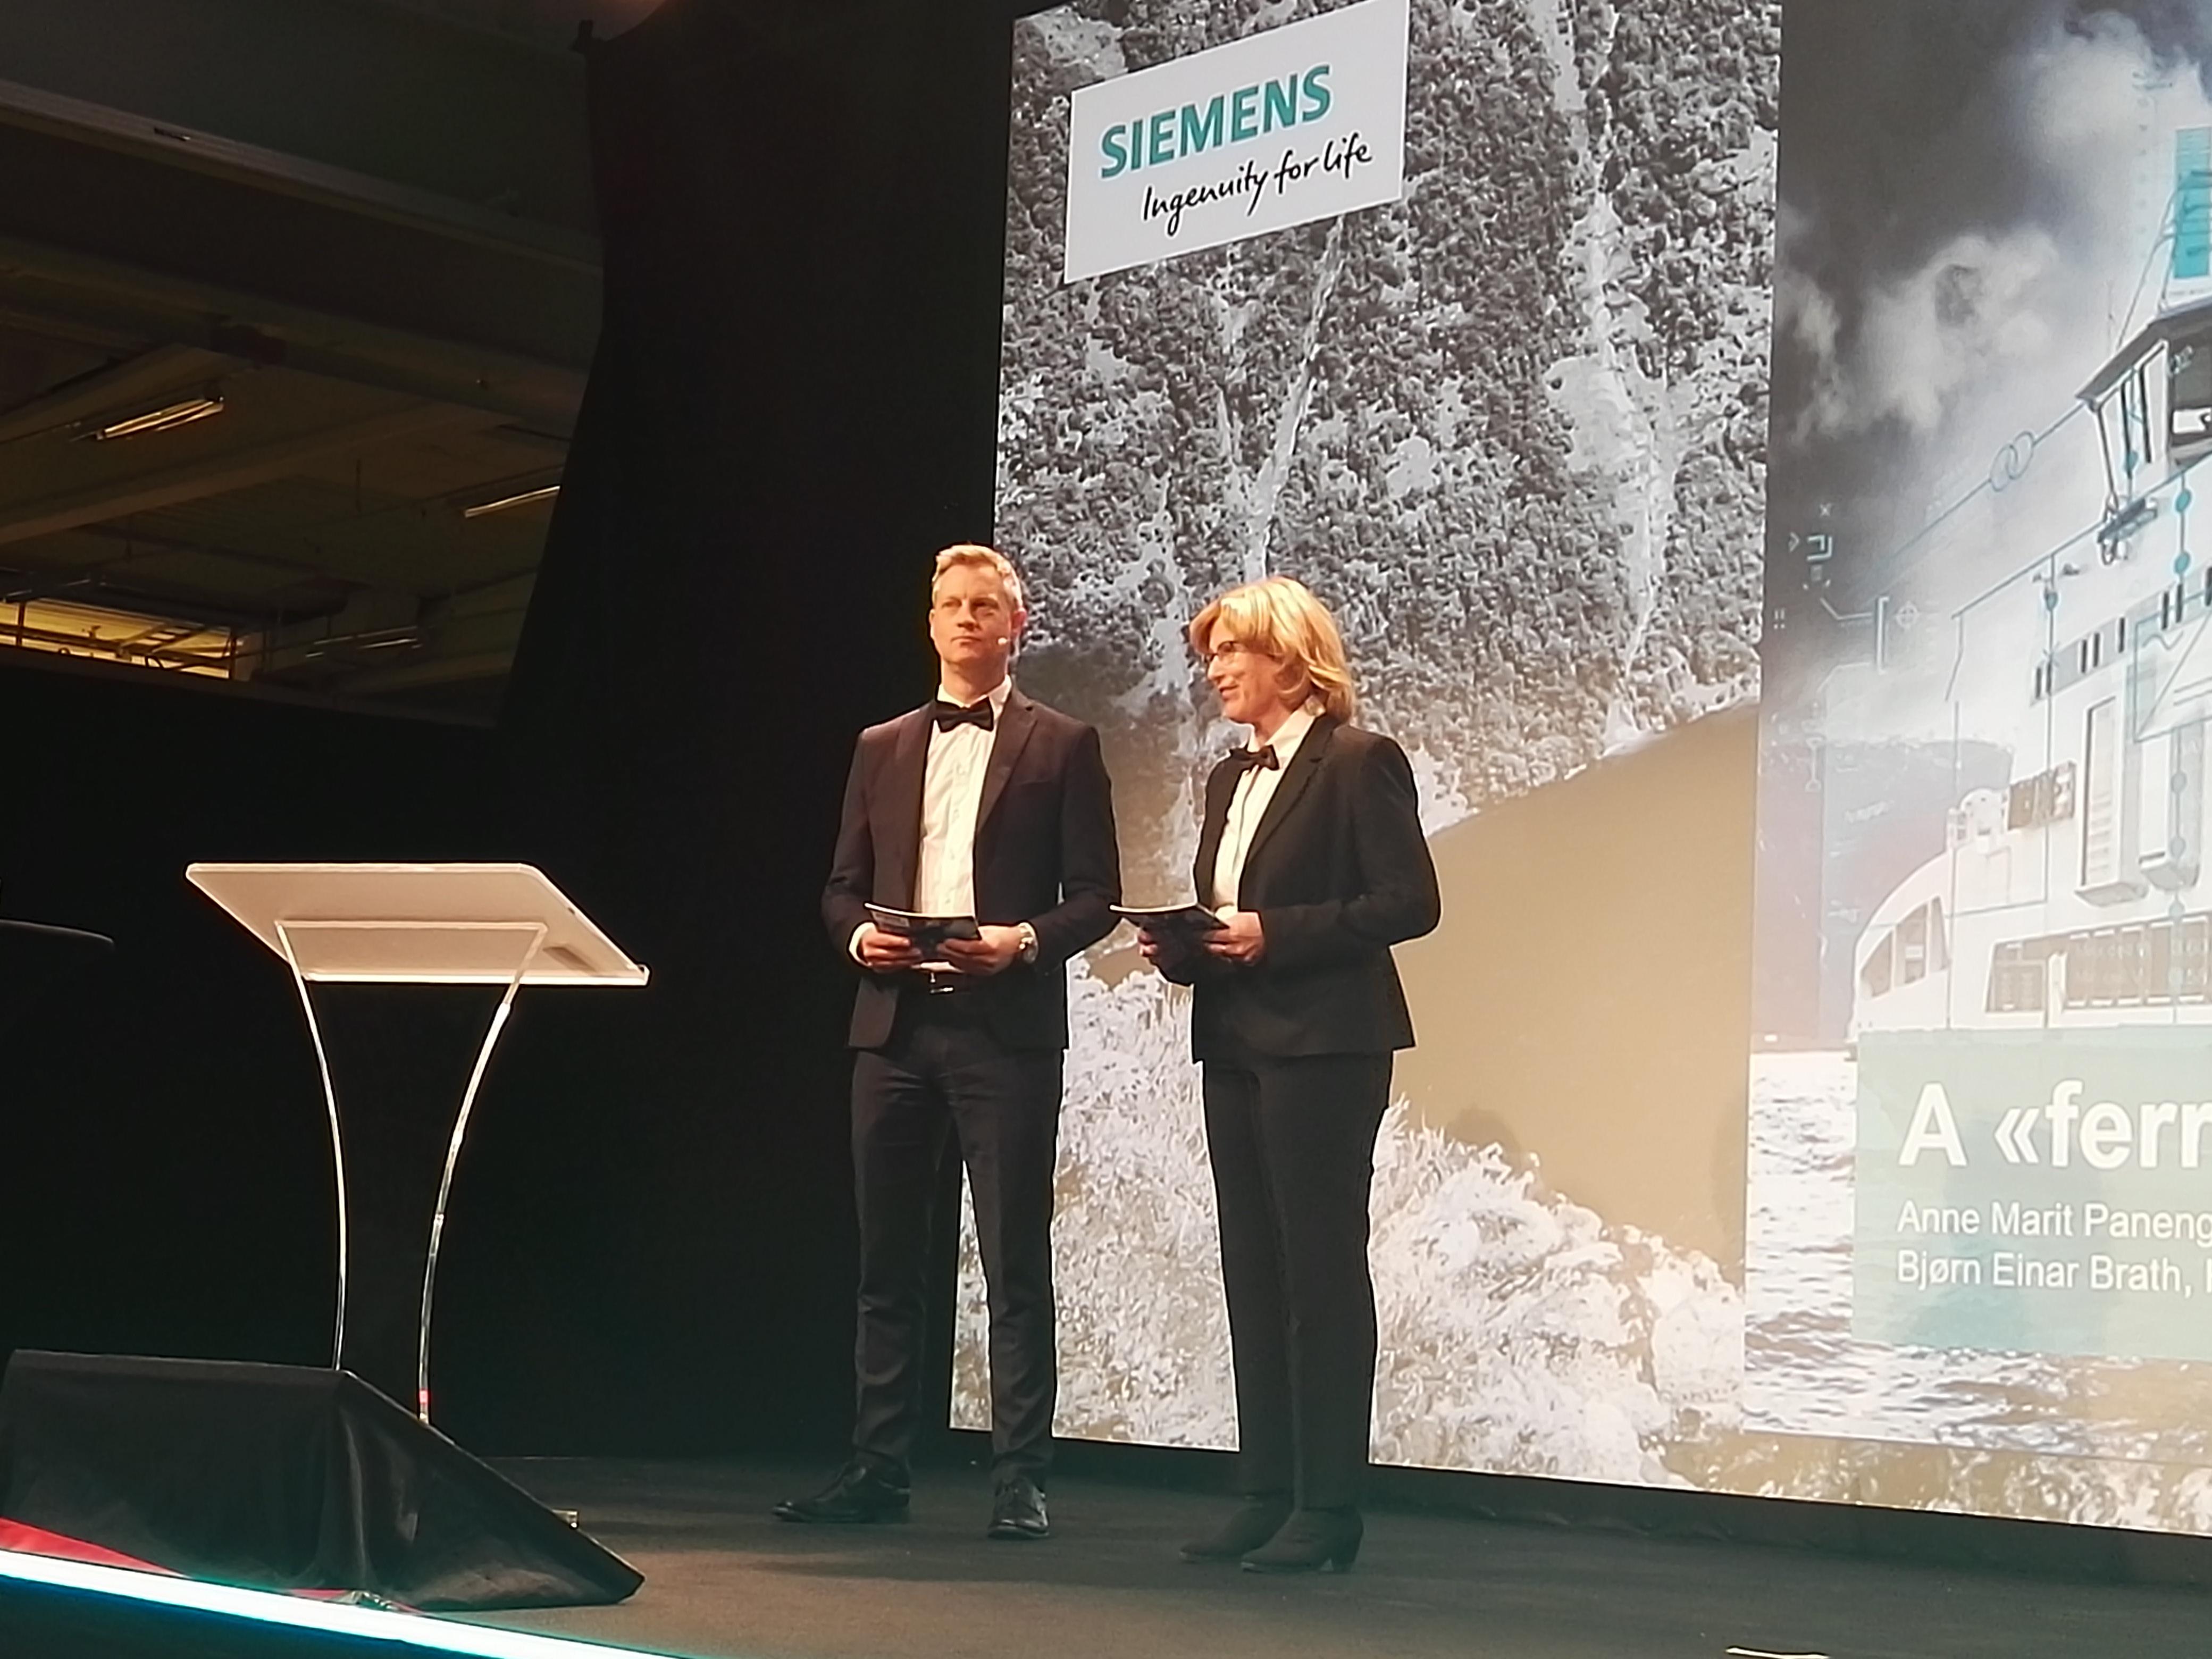 Anne Marit Panengstuen und Bjorn Einar Brath zur Eröffnung der neuen Siemensfabrik für Batteriesysteme in Trondheim©BPN